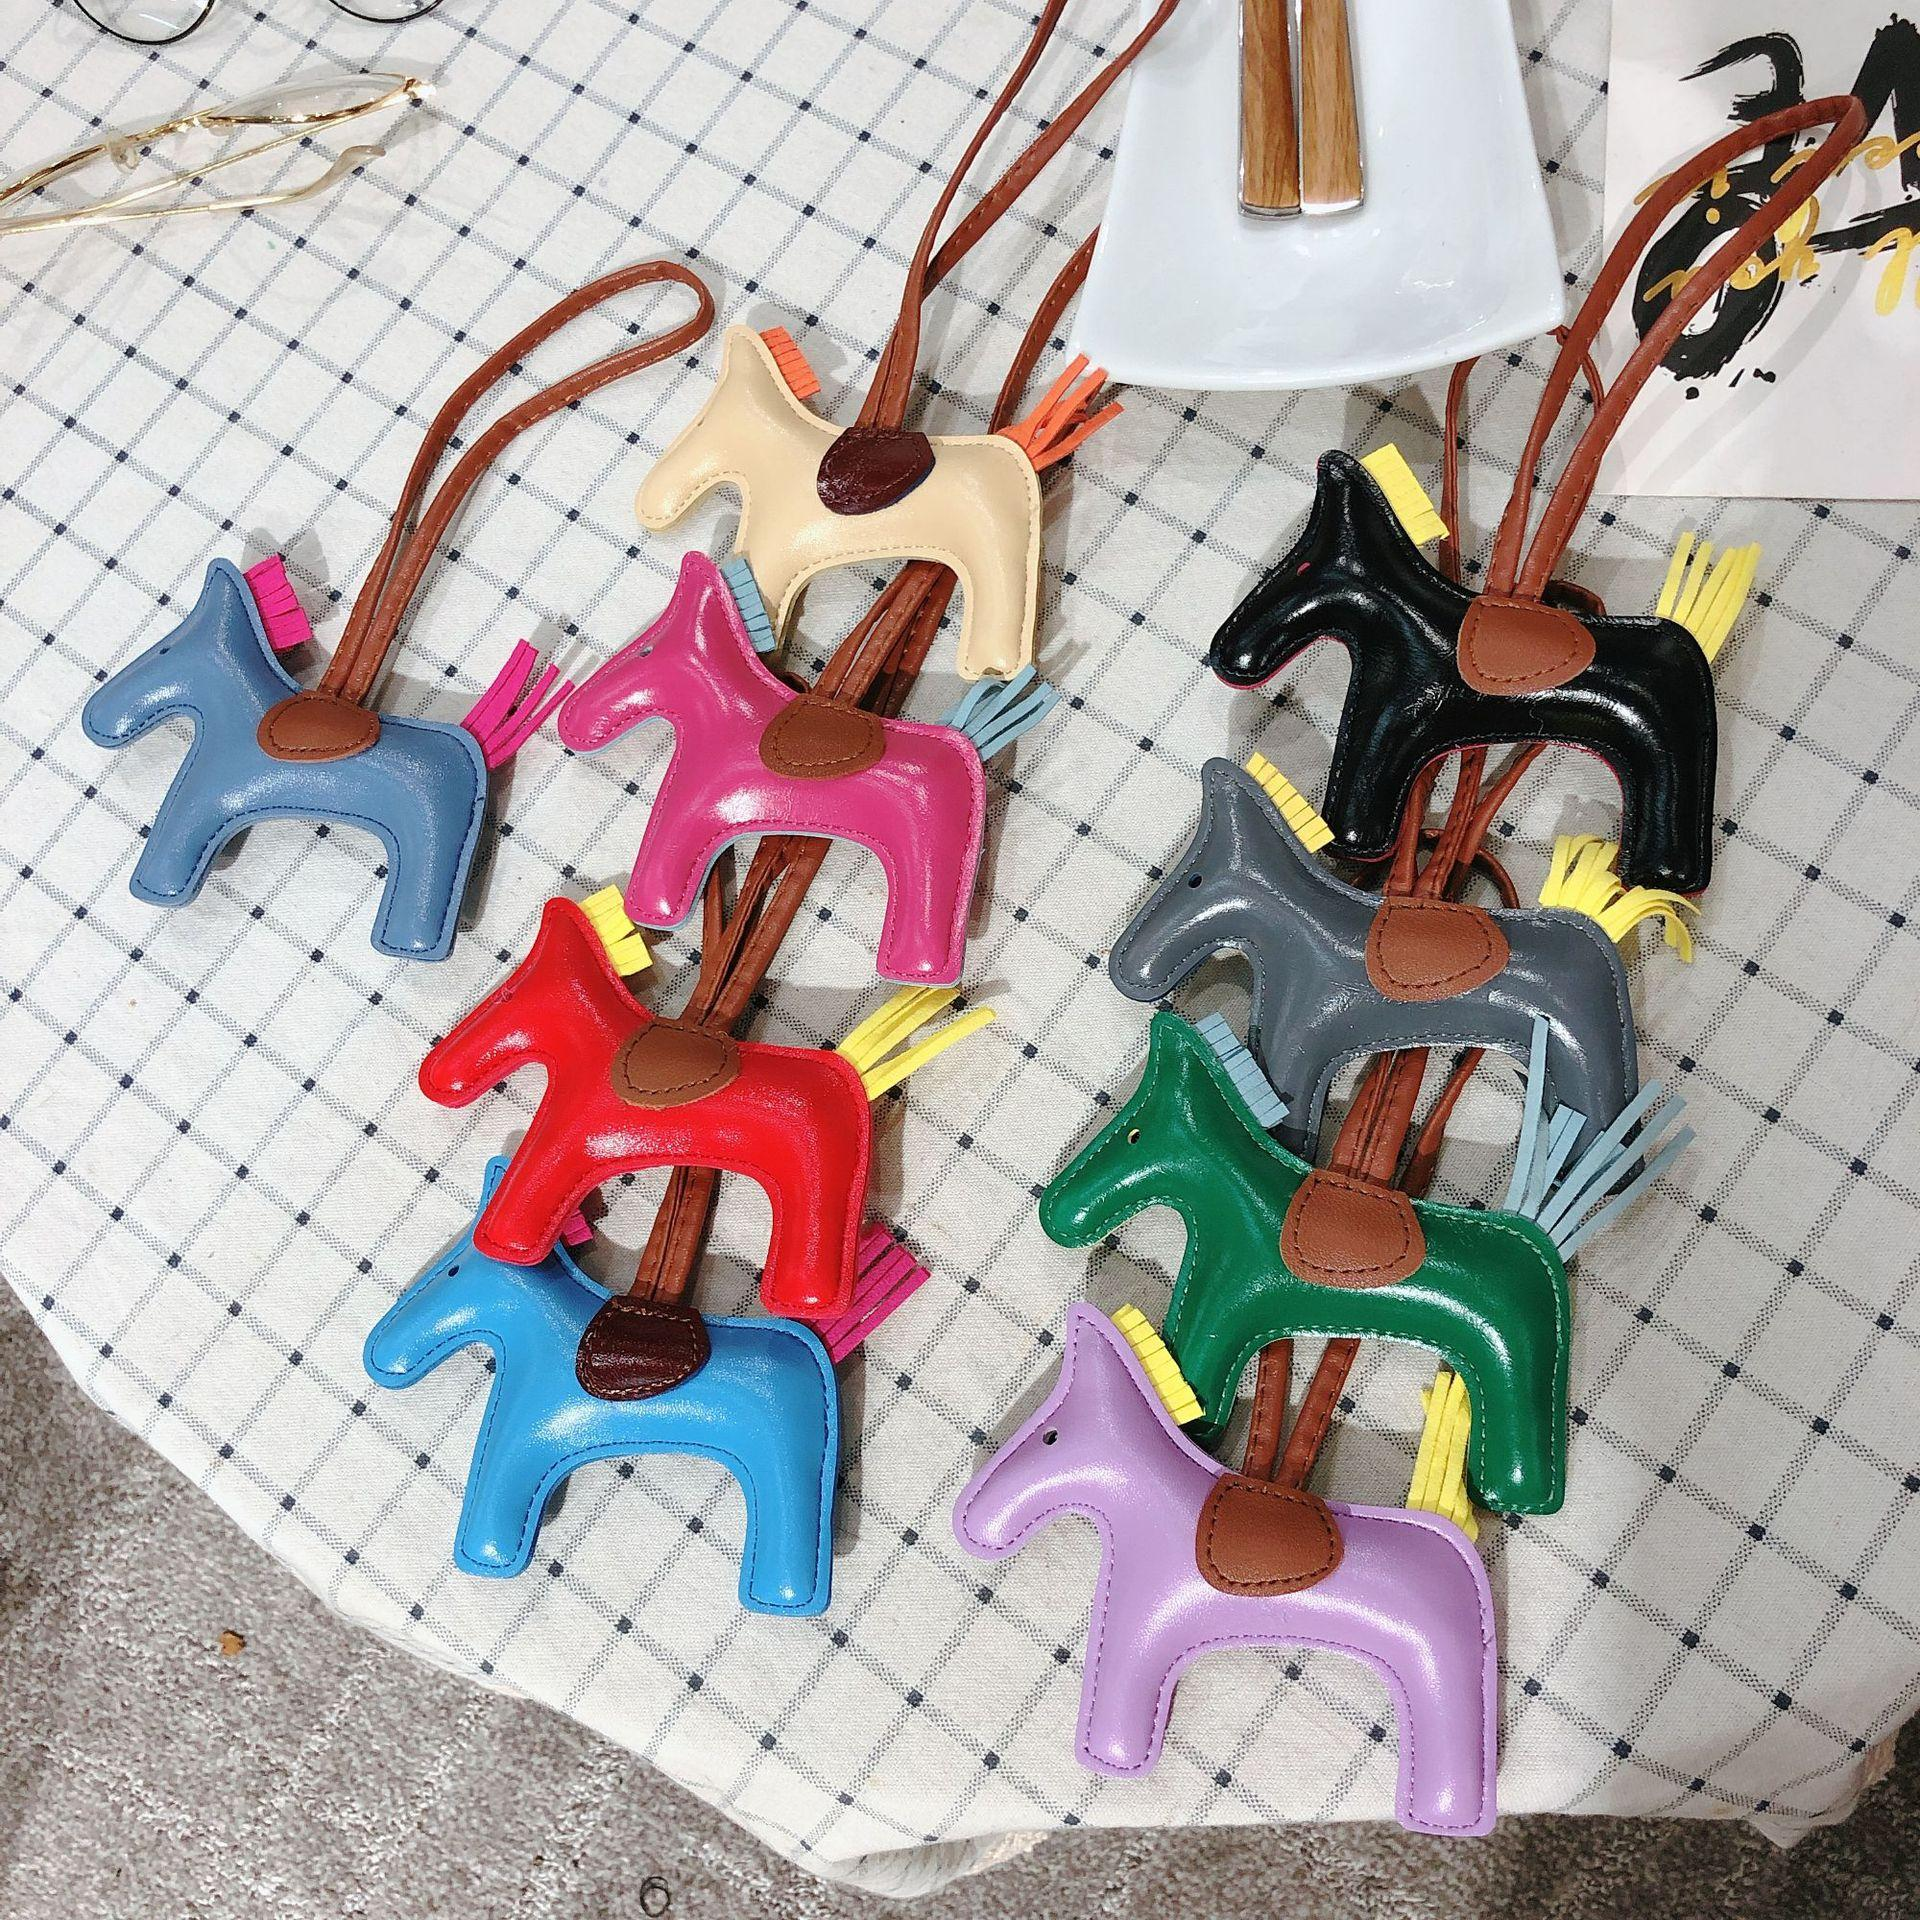 Вся продажа H бренд сумка кожа лошадь висит украшения дешевые украшения для сумки K сумка висит украшения 100% ручной работы